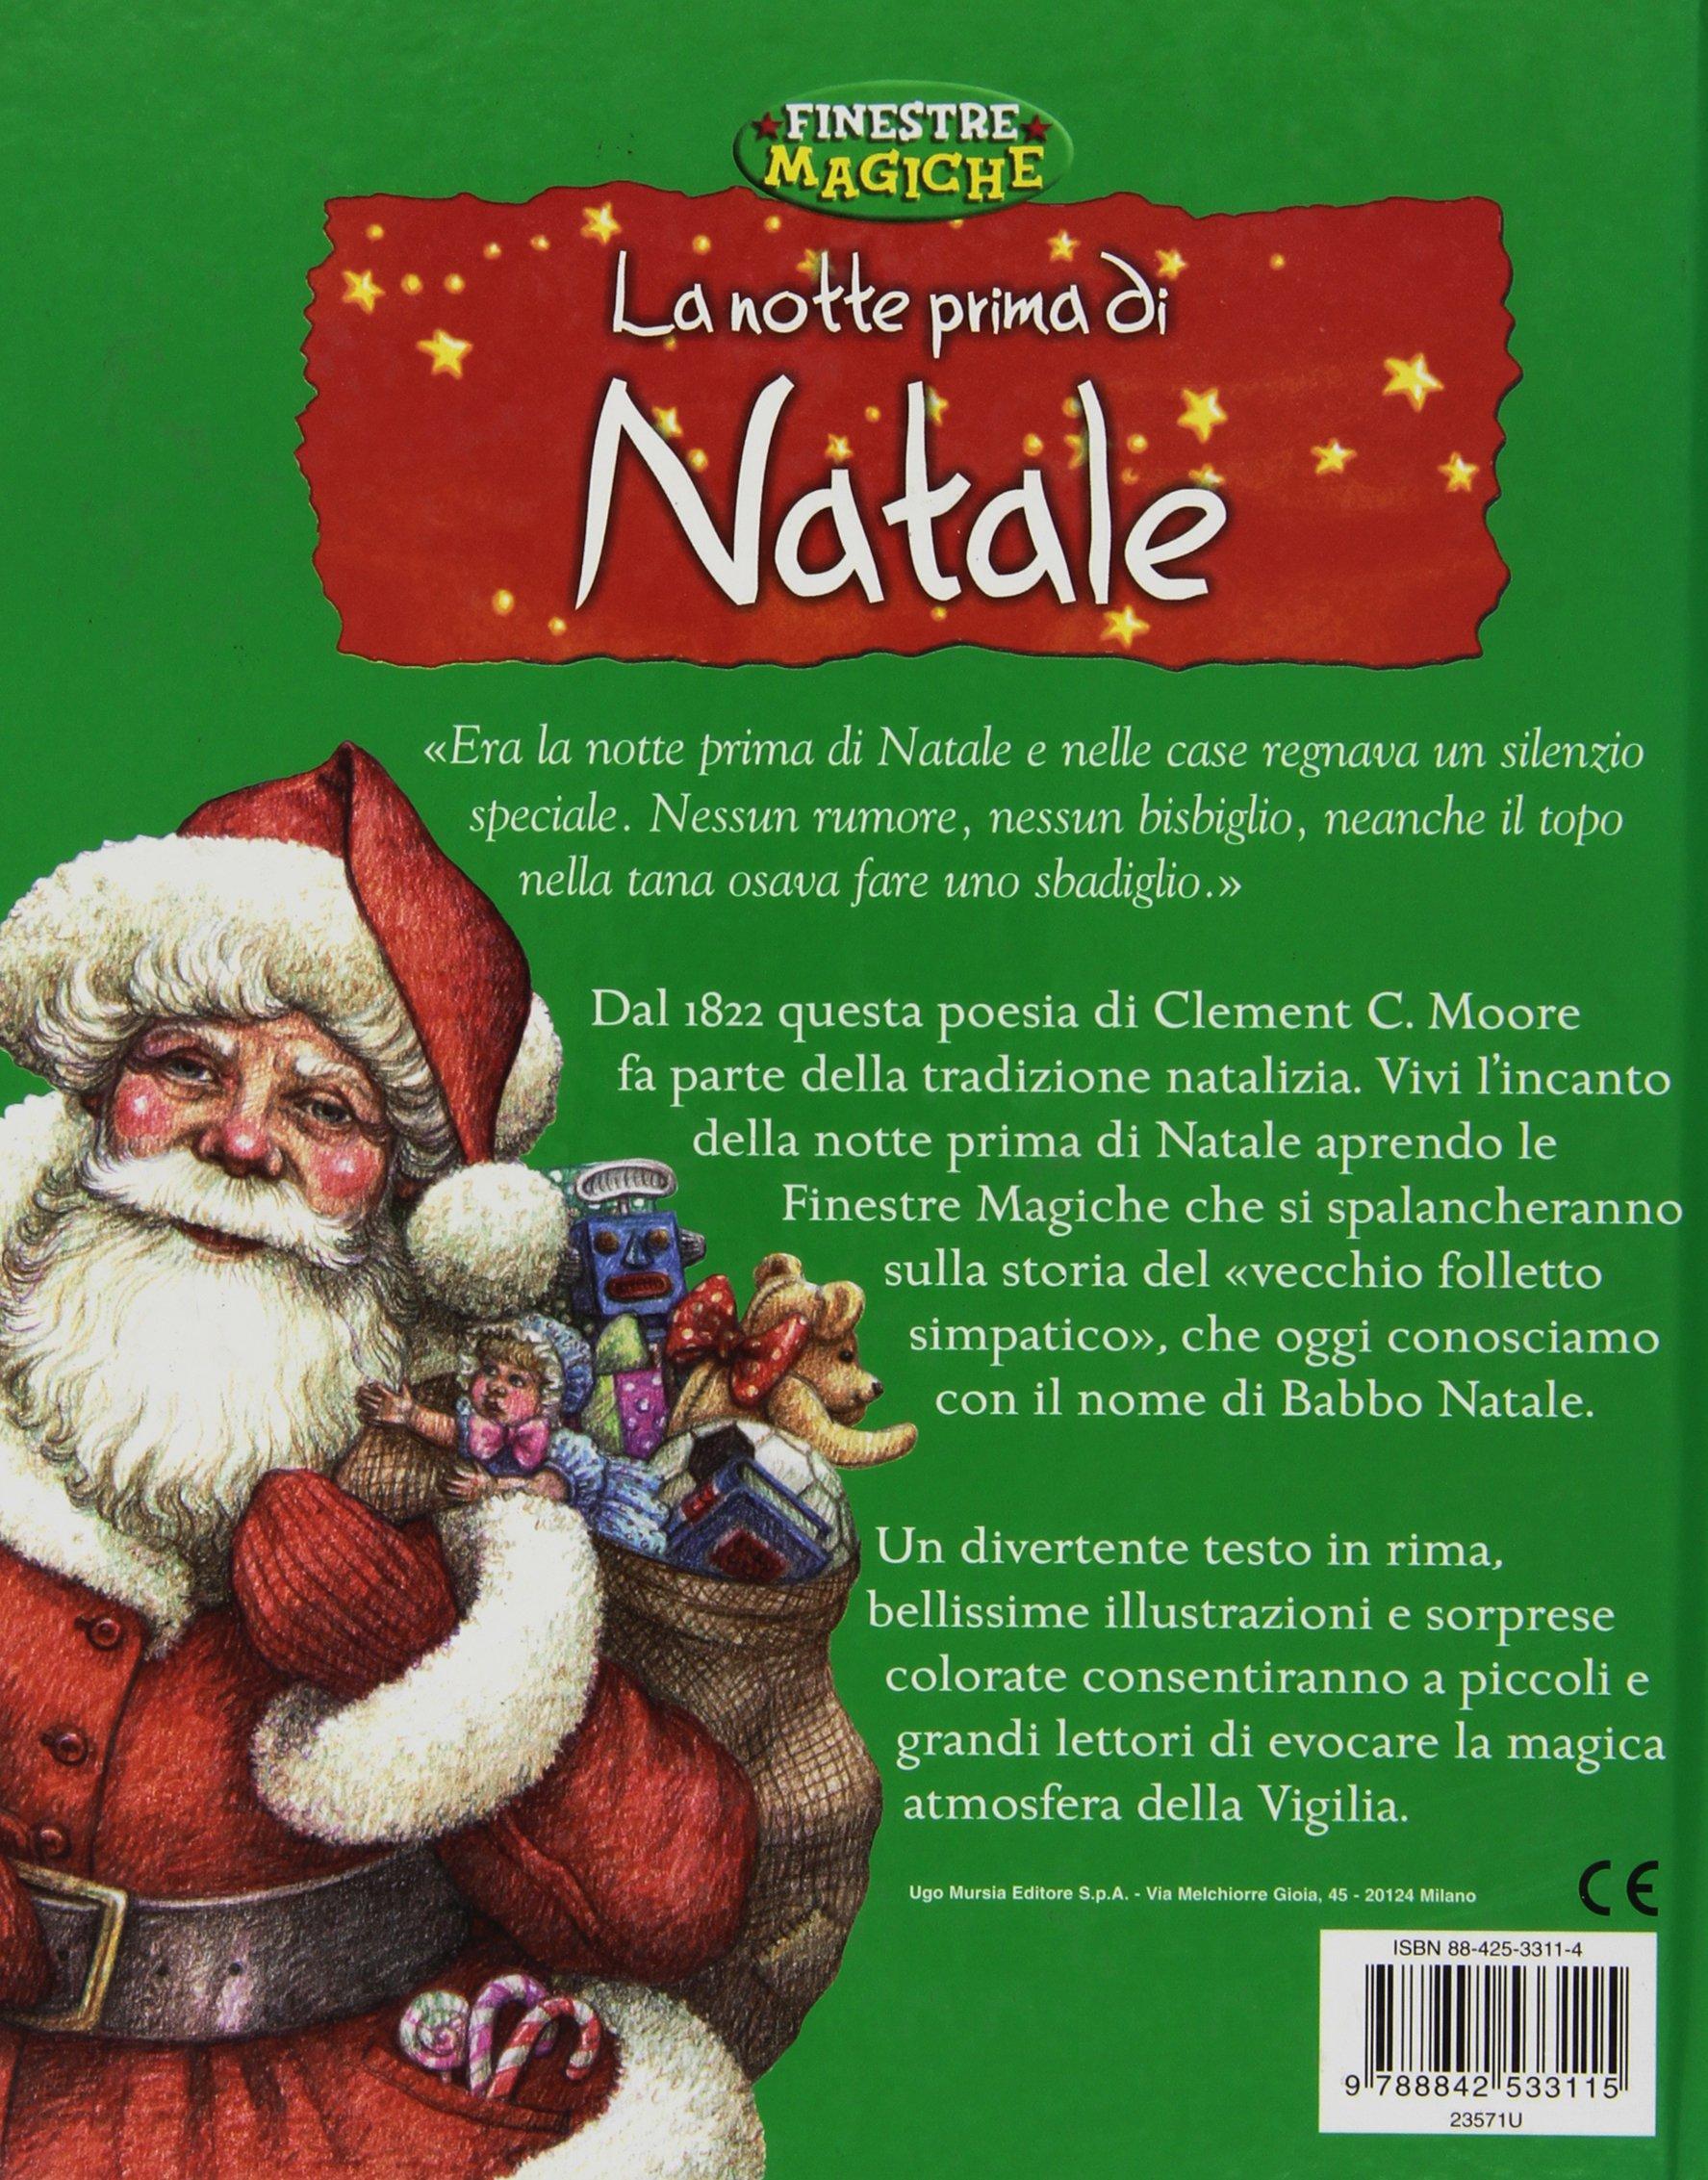 Poesie Di Natale In Rima.La Notte Prima Di Natale 9788842533115 Amazon Com Books